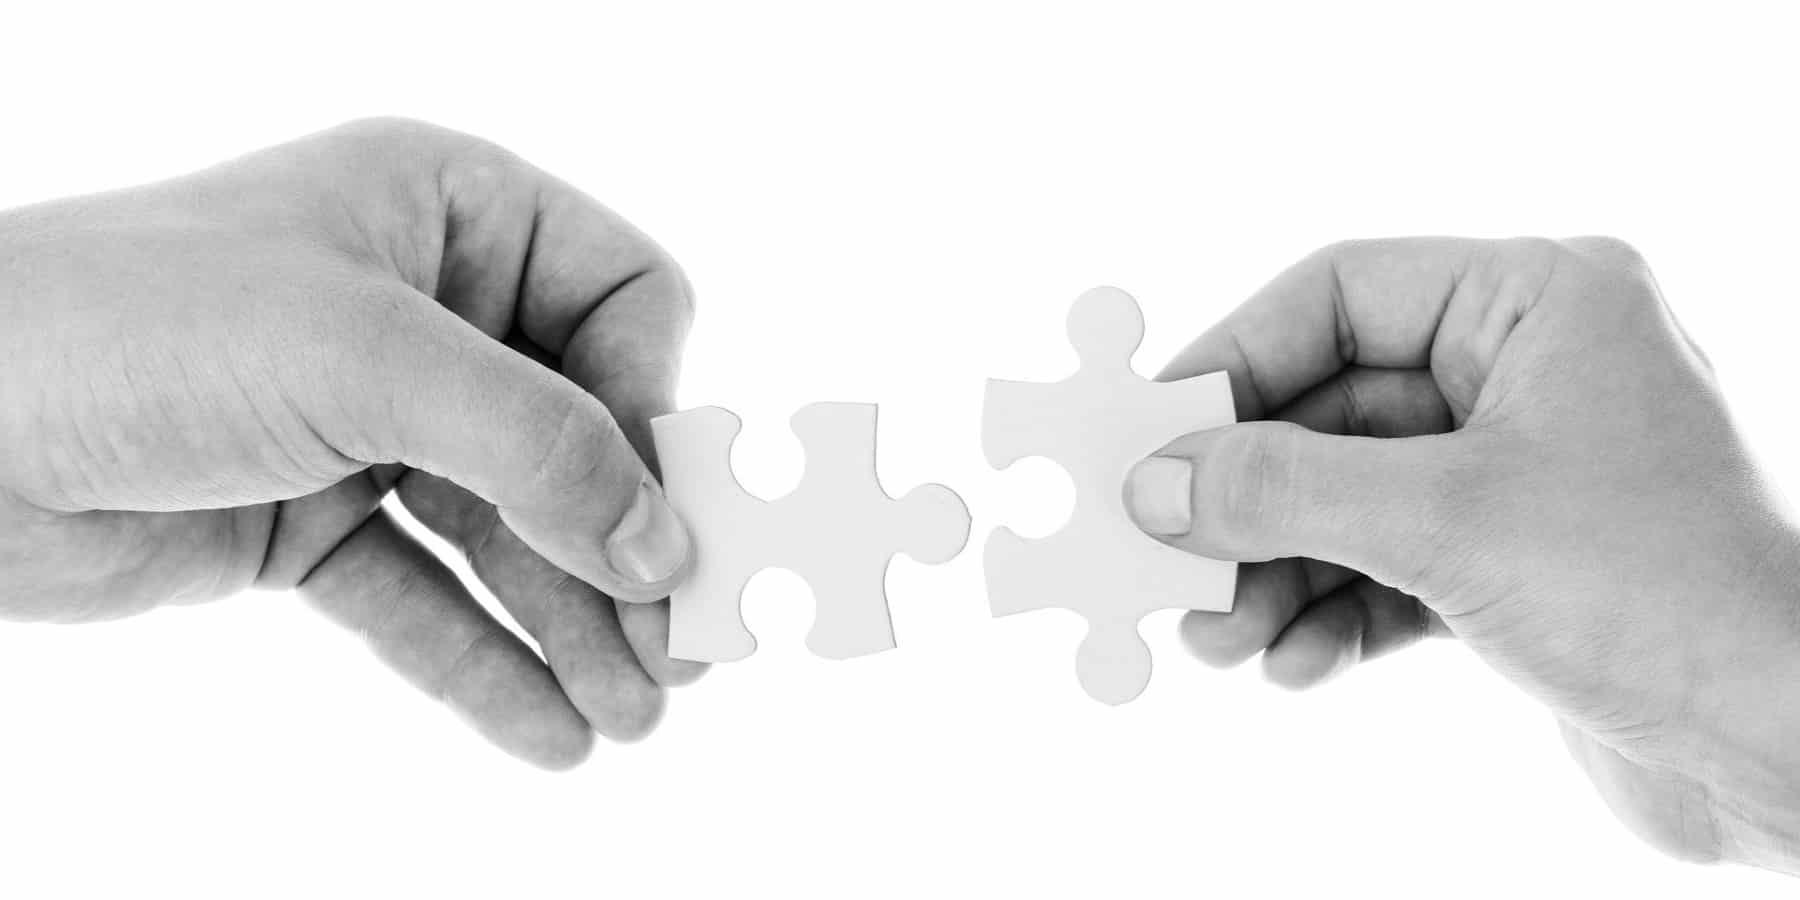 Kundenorientierung Leben Wachstum - Beziehungen